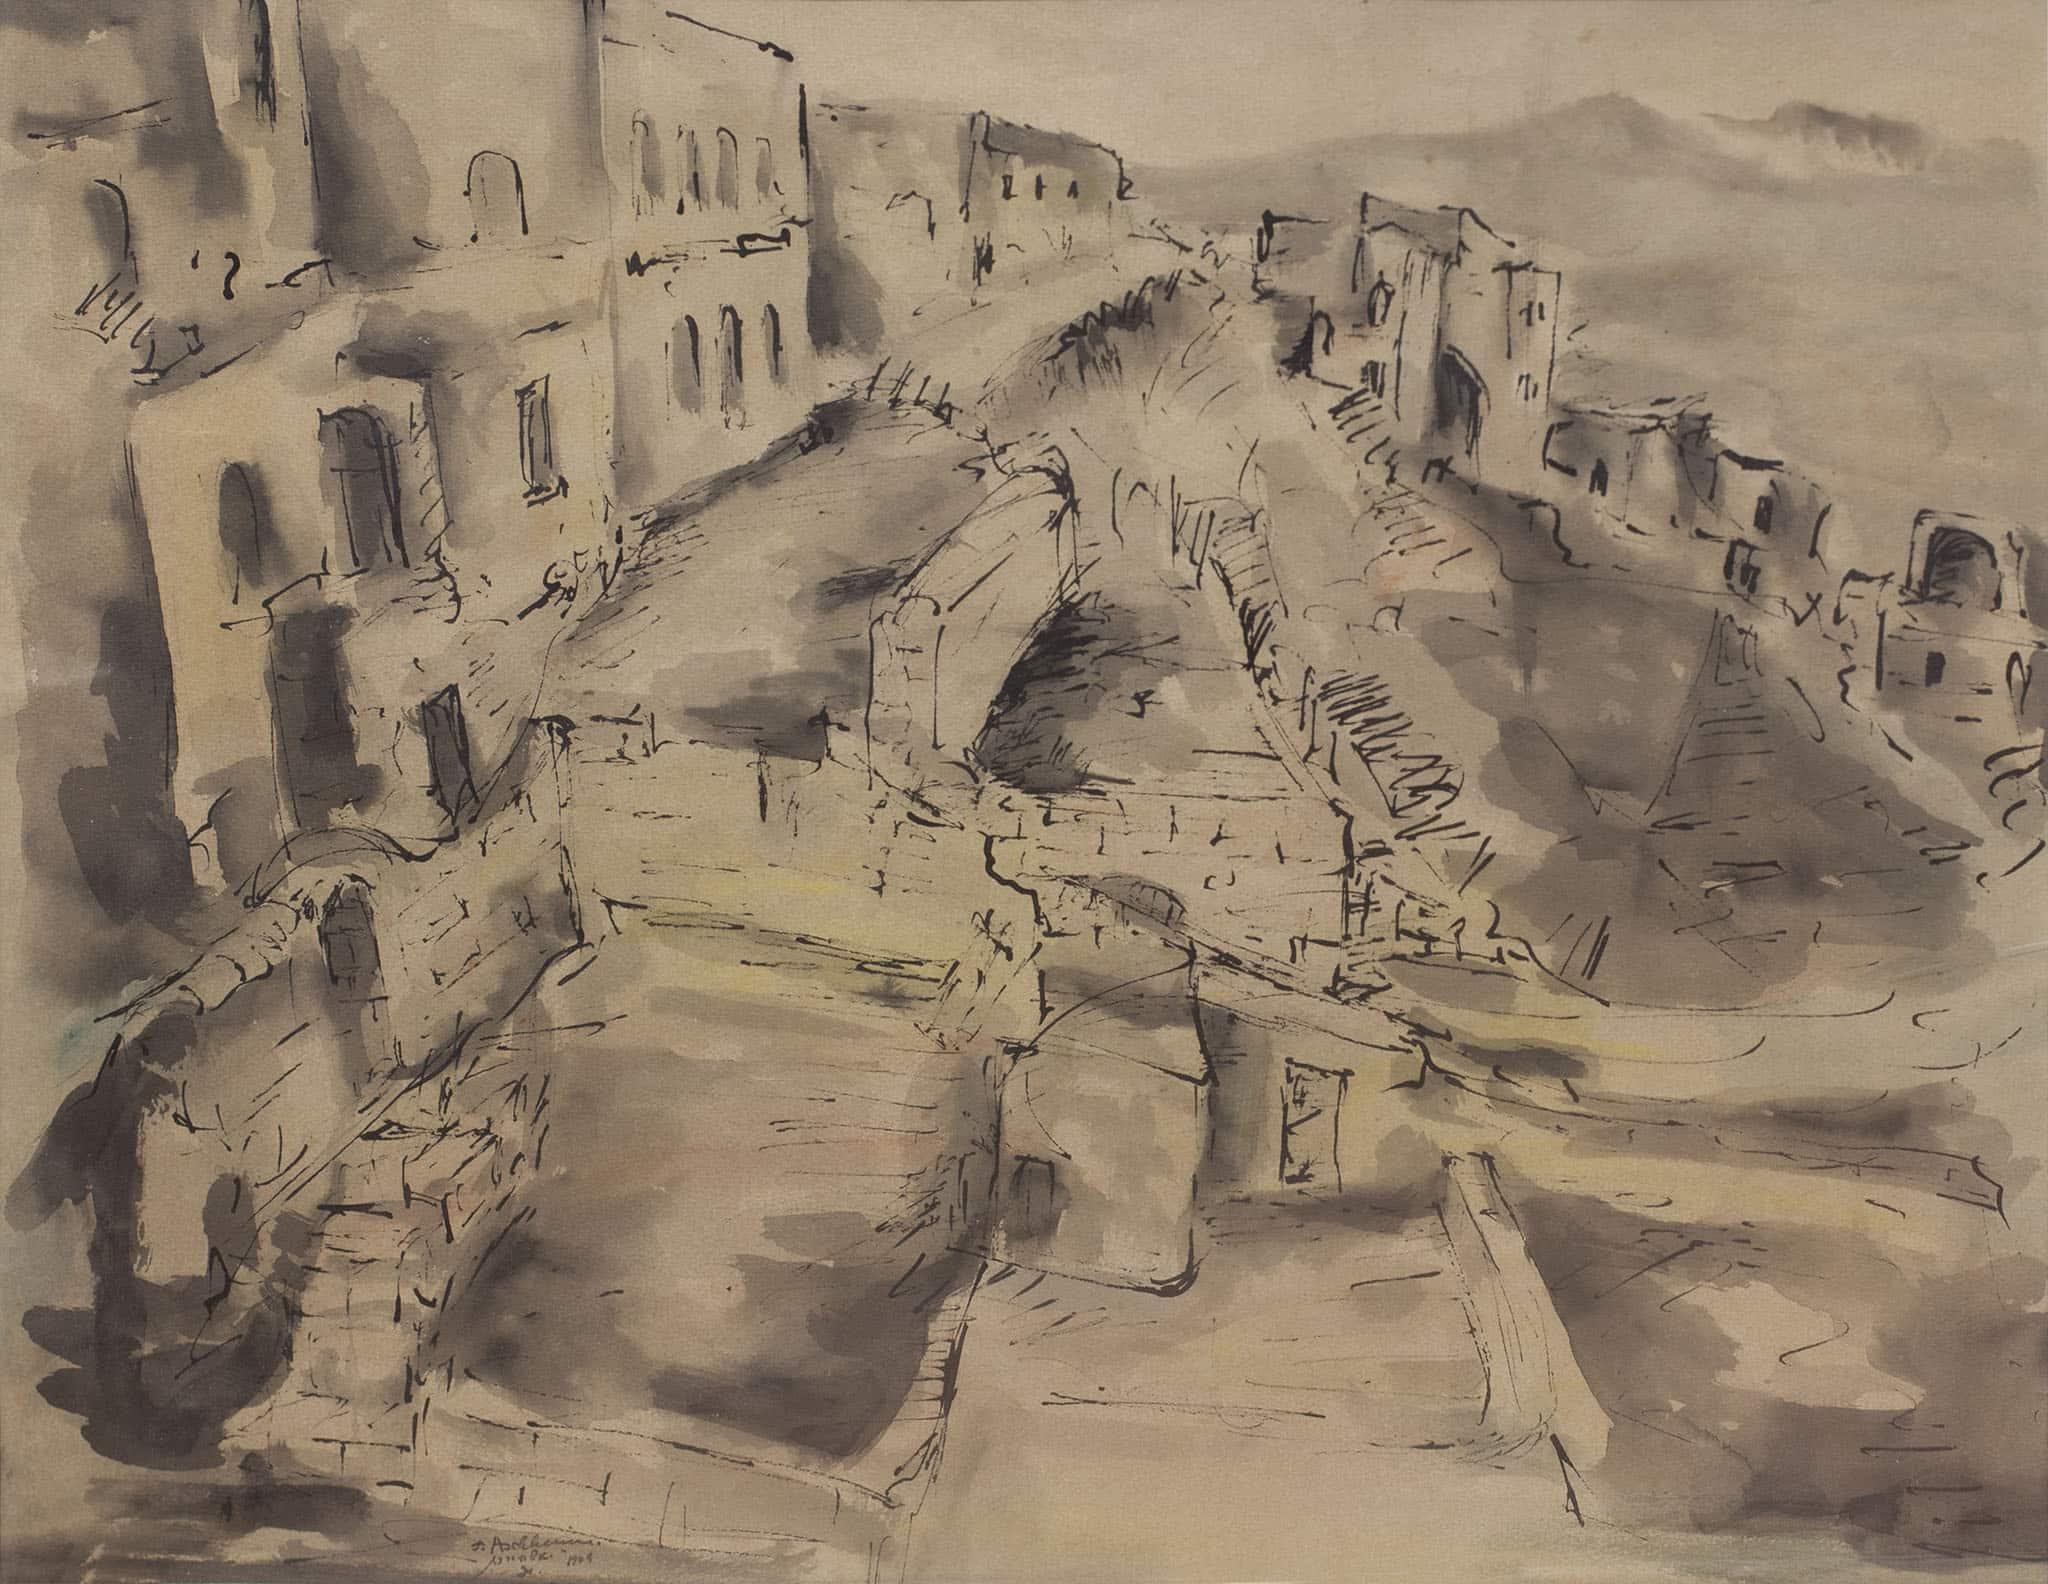 """איזידור אשהיים, """"נוף צפת"""", 1949, אקוורל ודיו על נייר, 41x53 ס""""מ"""